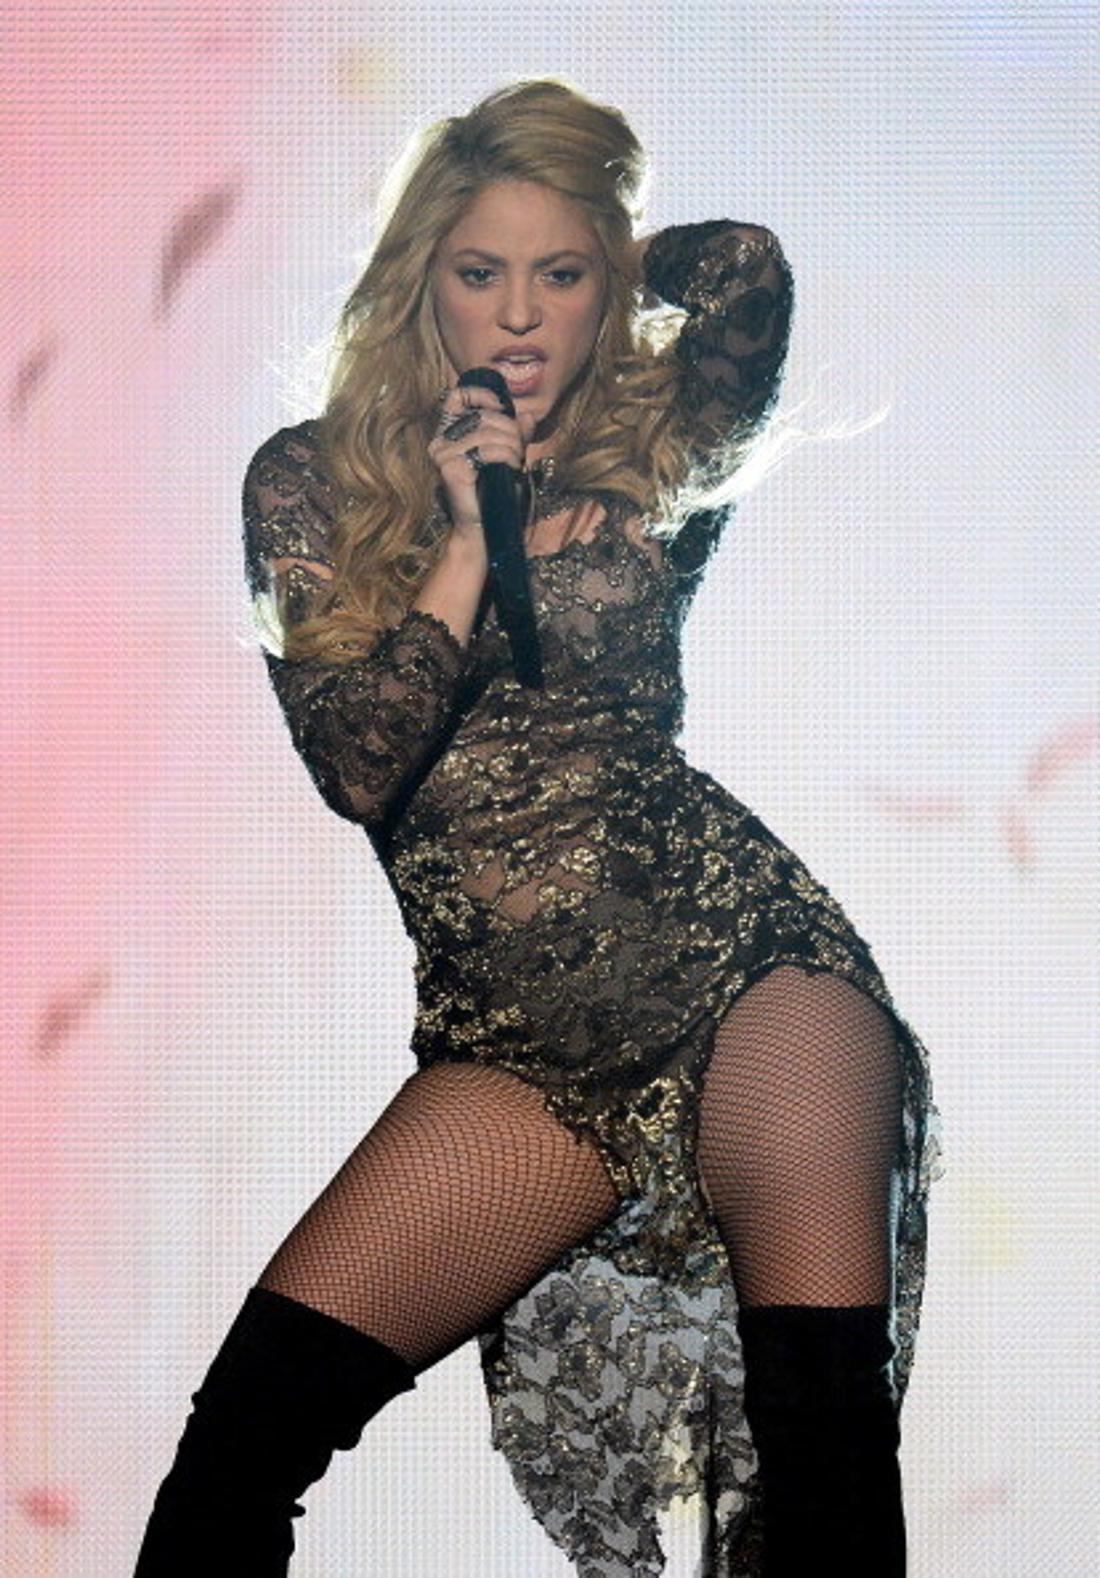 Aleoides shakirae bewirkt, dass sein Wirt (normalerweise eine Schmetterlingsraupe) sein Abdomen krümmt und verdreht. Wissenschaftler haben sich entschieden, ihn nach Shakira und ihren Hüften zu benennen, die nicht lügen können.